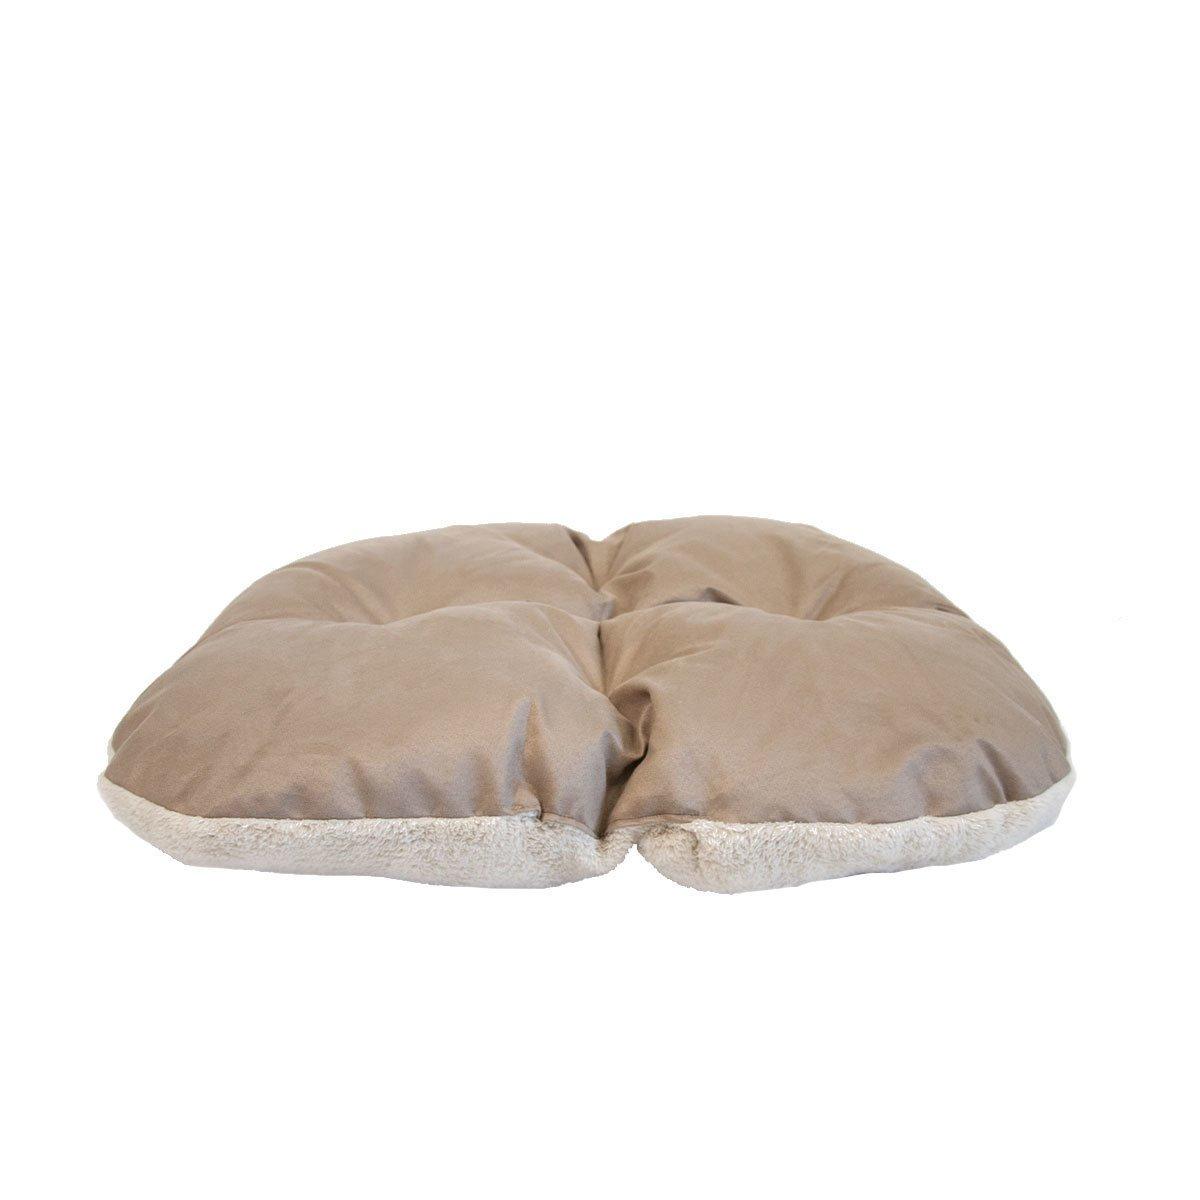 wauweich Komfortbett mit hohem Rand, Bild 6